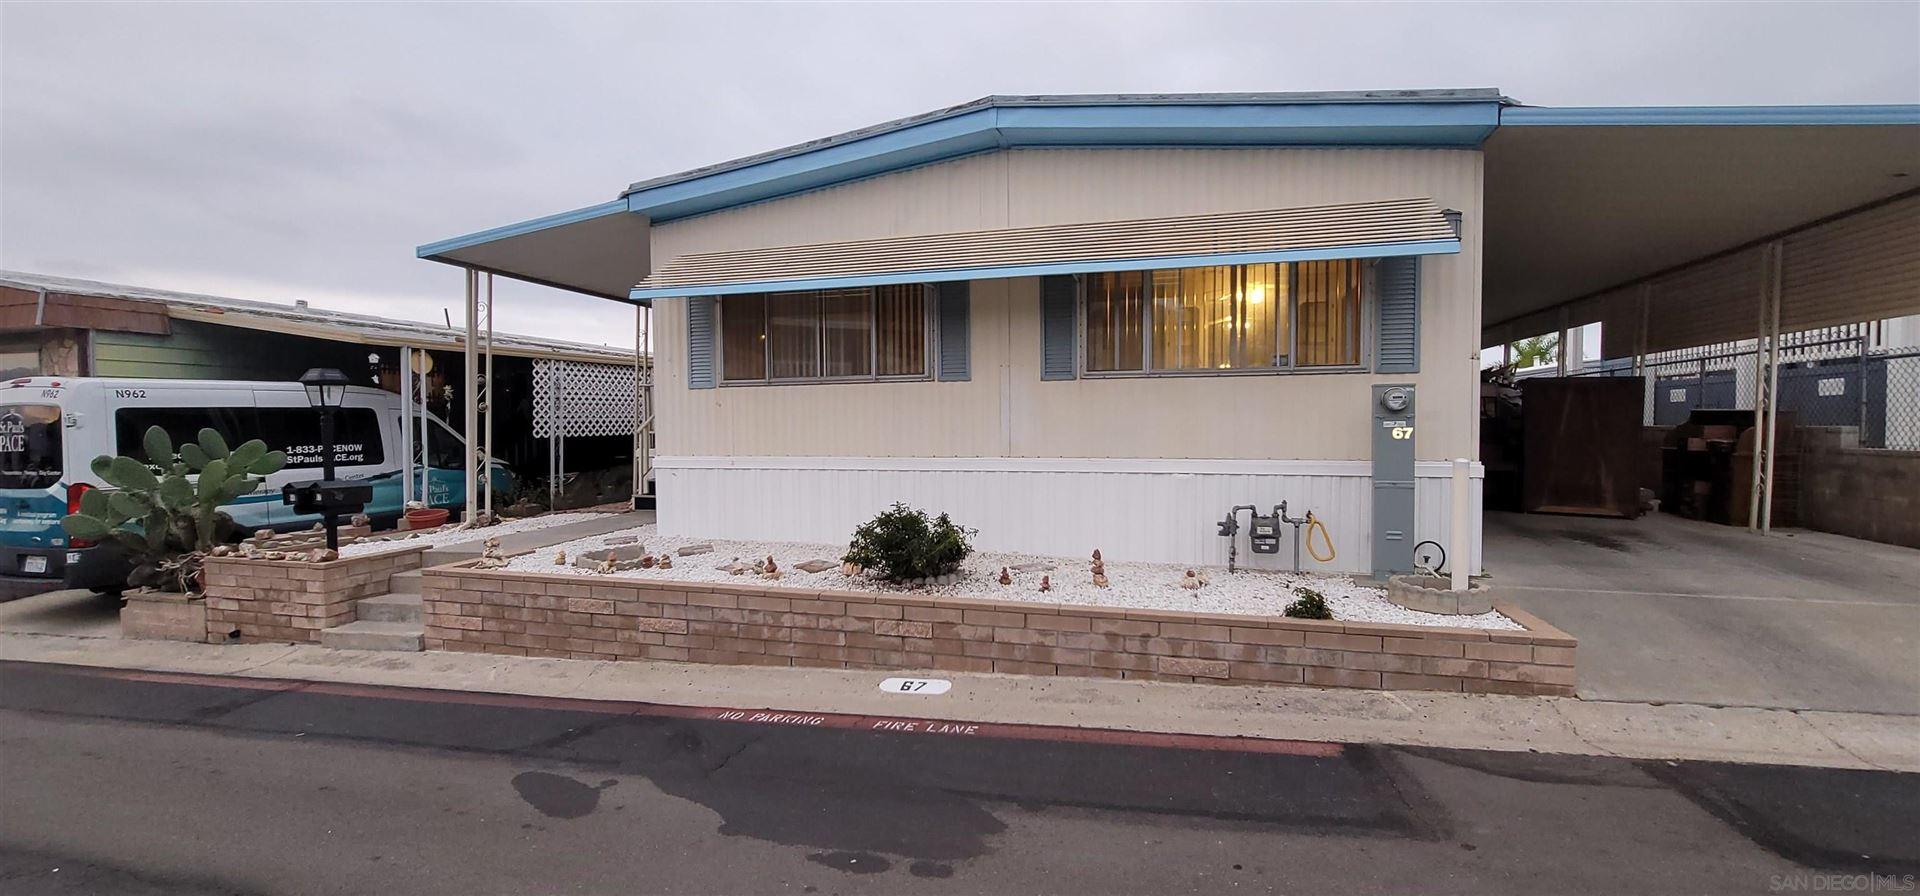 Photo of 8701 Mesa #67, Santee, CA 92071 (MLS # 210029098)